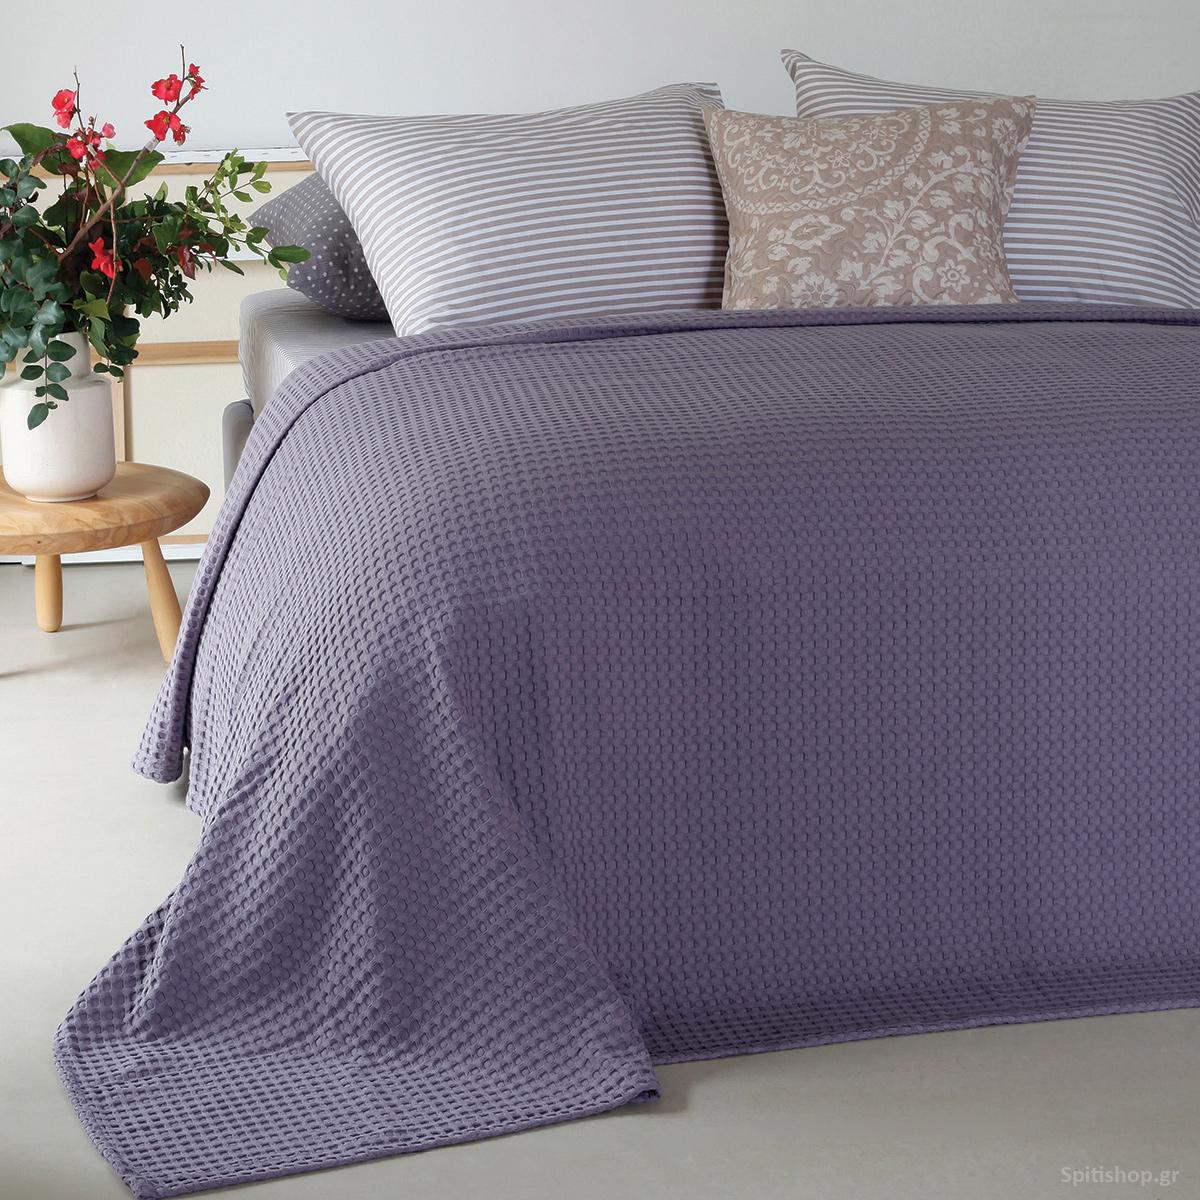 Κουβέρτα Πικέ King Size Melinen Patmos Dark Lilac